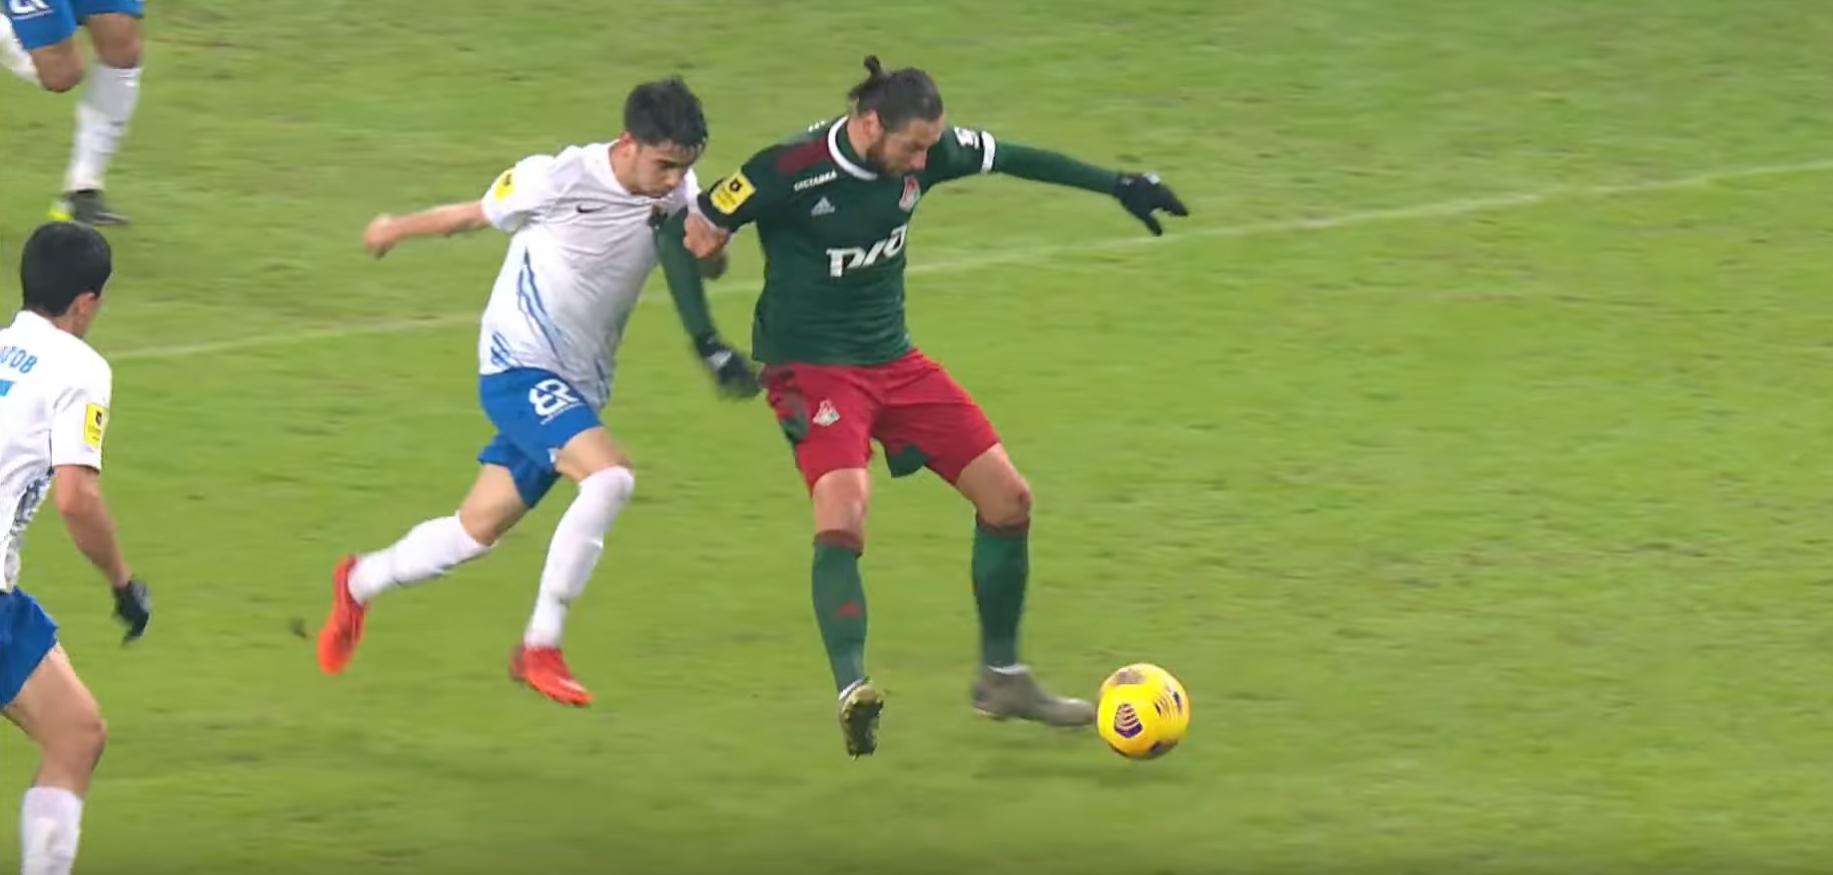 «Локомотив» уверенно обыграл «Сочи» при ужасном судействе Матюнина, но есть проблемы в обороне